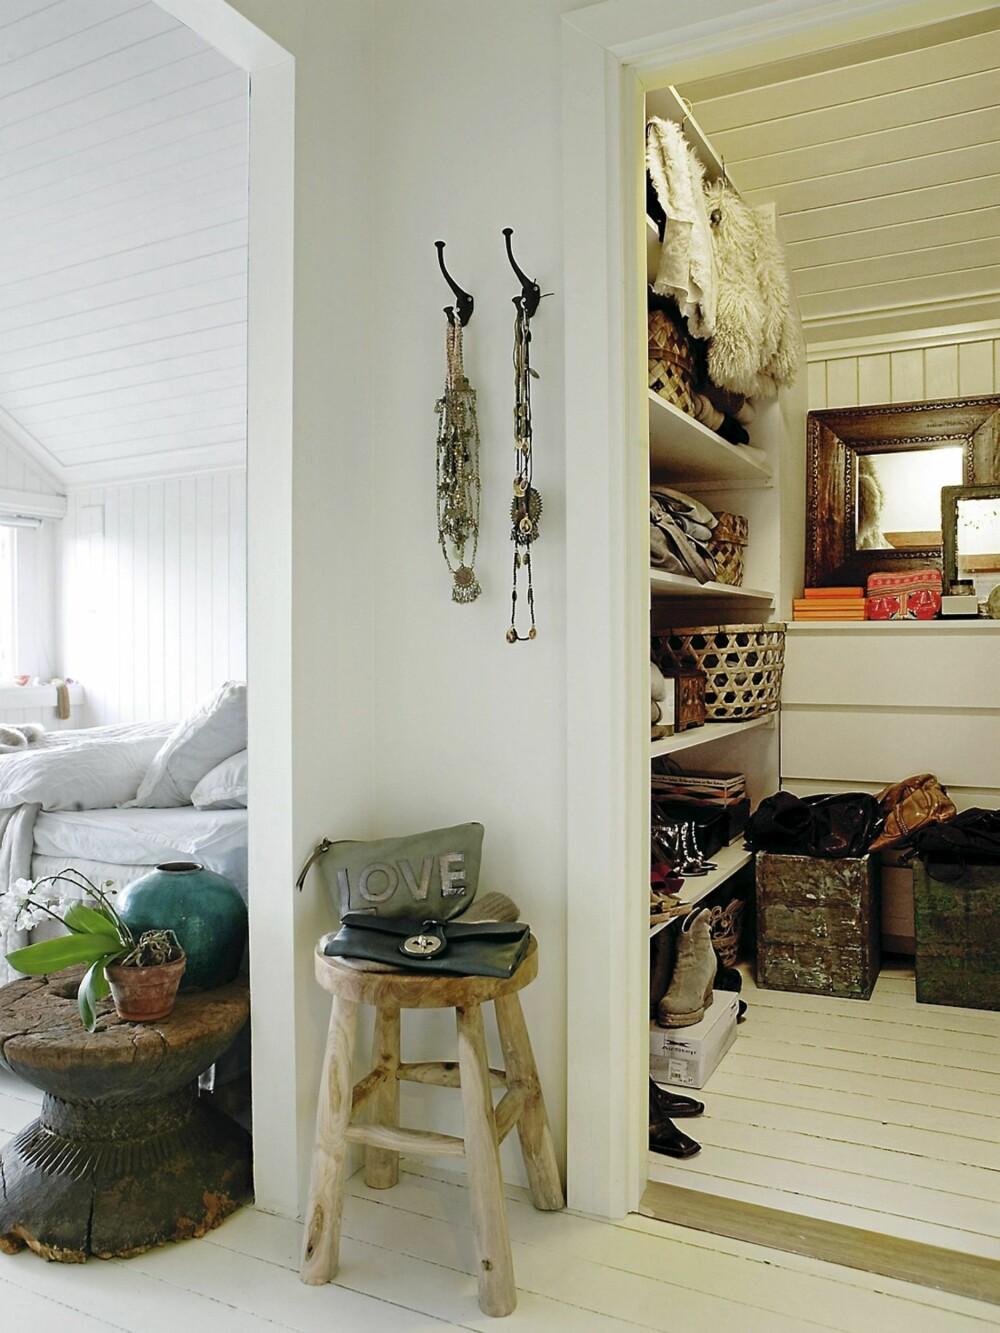 ALT I ETT. Anna har en liten gang og et garderoberom som er tilknyttet soverommet. Krakken er lagd av teakrøtter fra Indonesia. Smykkene er fra egen butikk. Kassene med vesker er egentlig blomsterkasser som har fått ny bruksverdi.